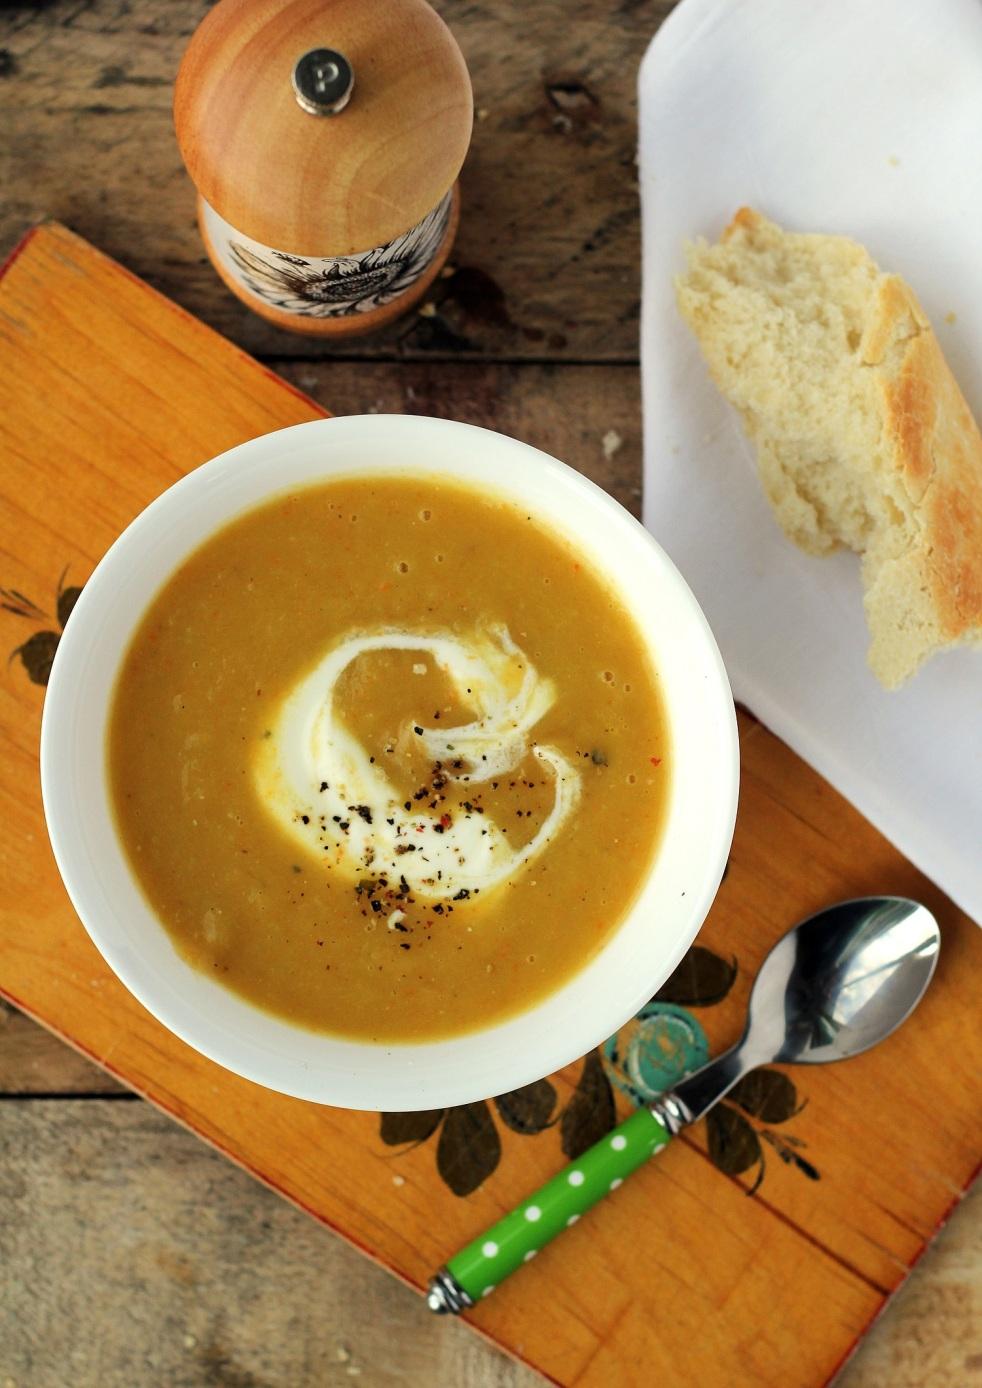 zupa porowo-ziemnaczana, zupa krem z ziemniaków, zupa z pora